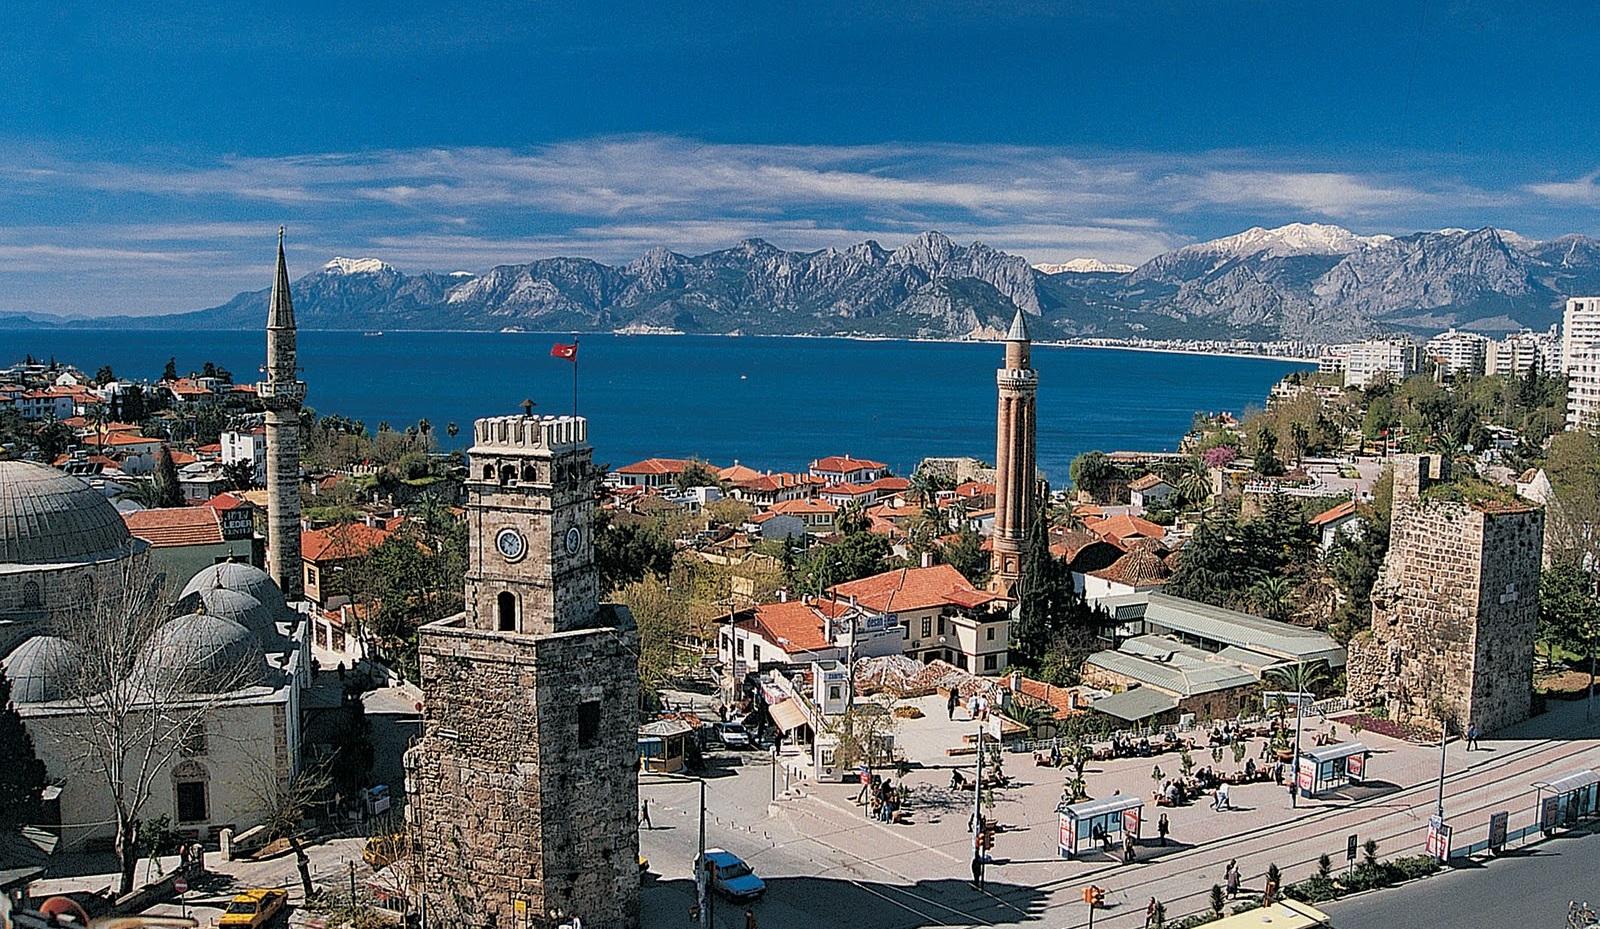 Статьи: Недвижимость Турции. Районы Анталии – выбираем по вкусу